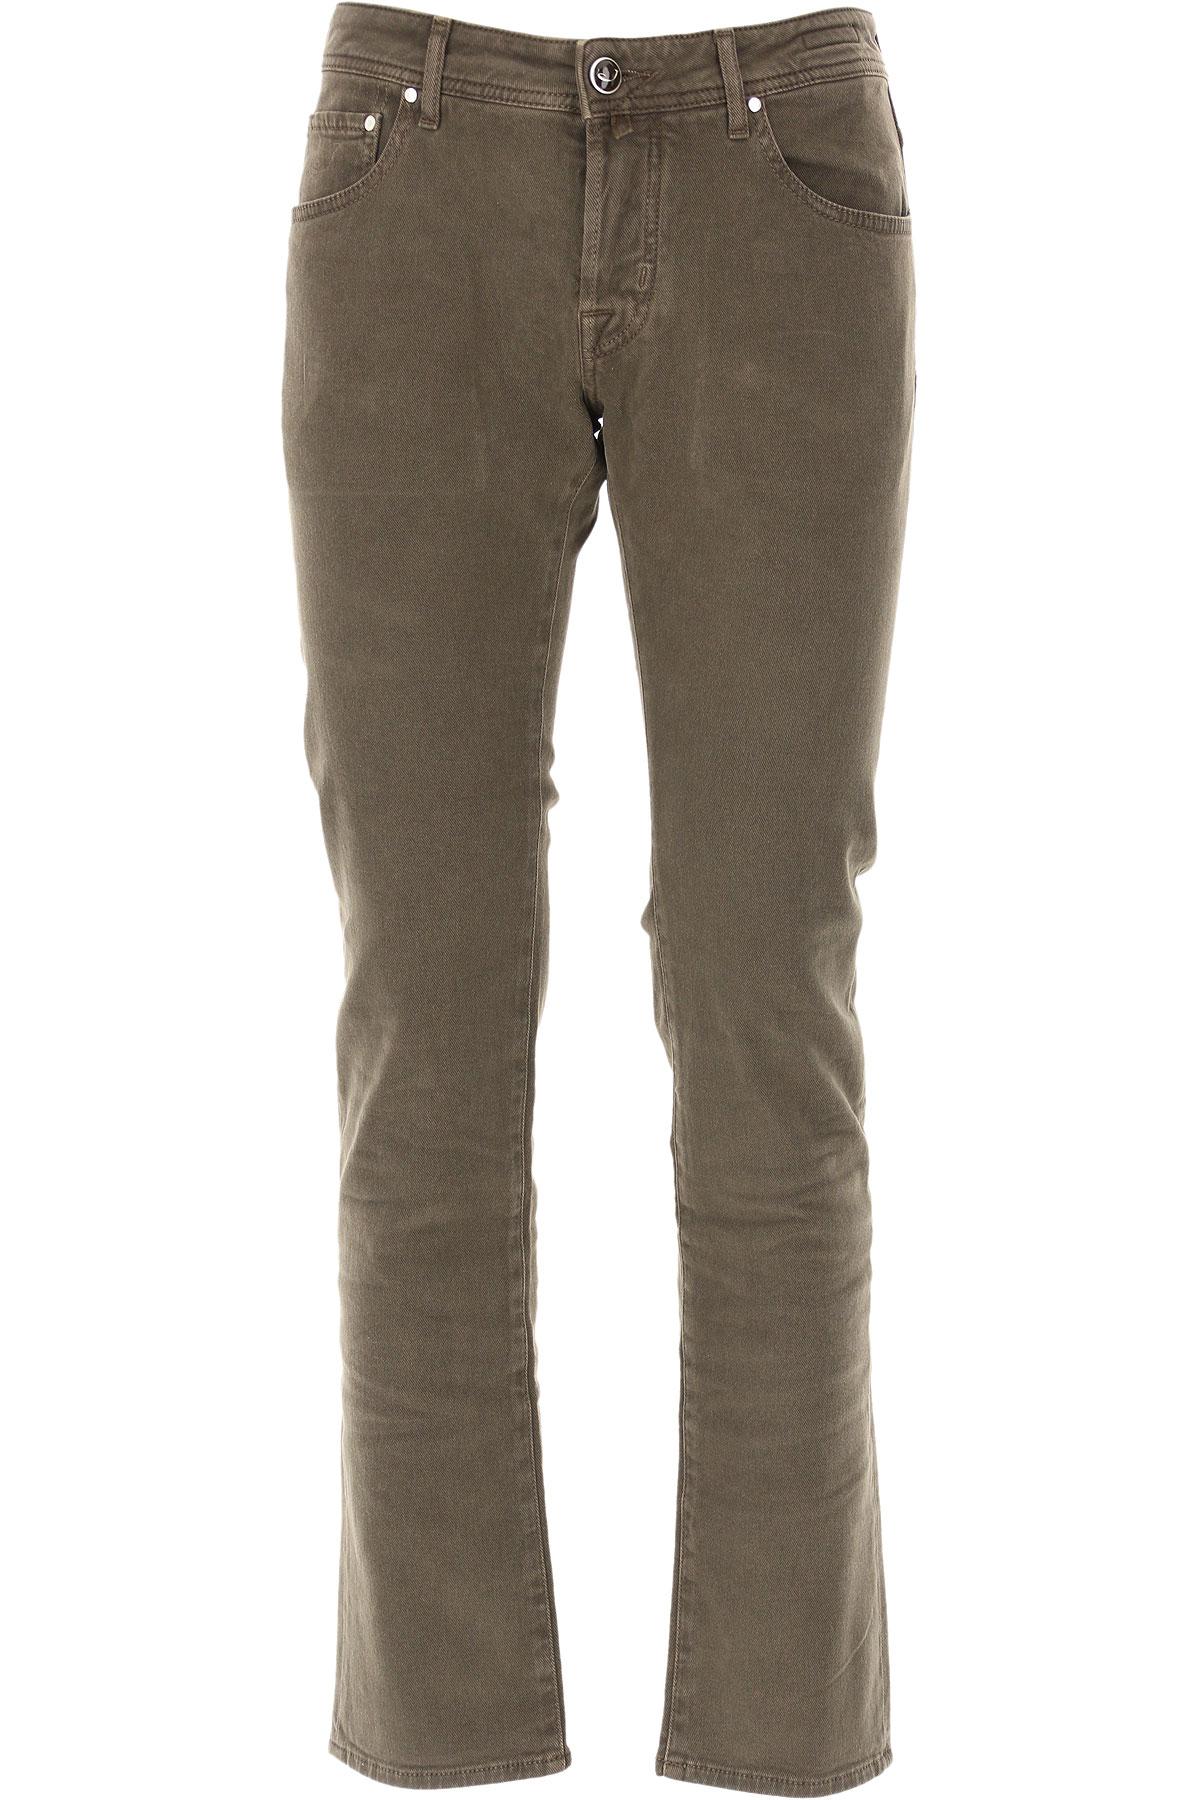 Jacob Cohen Jeans On Sale, Brown, Cotton, 2019, 32 34